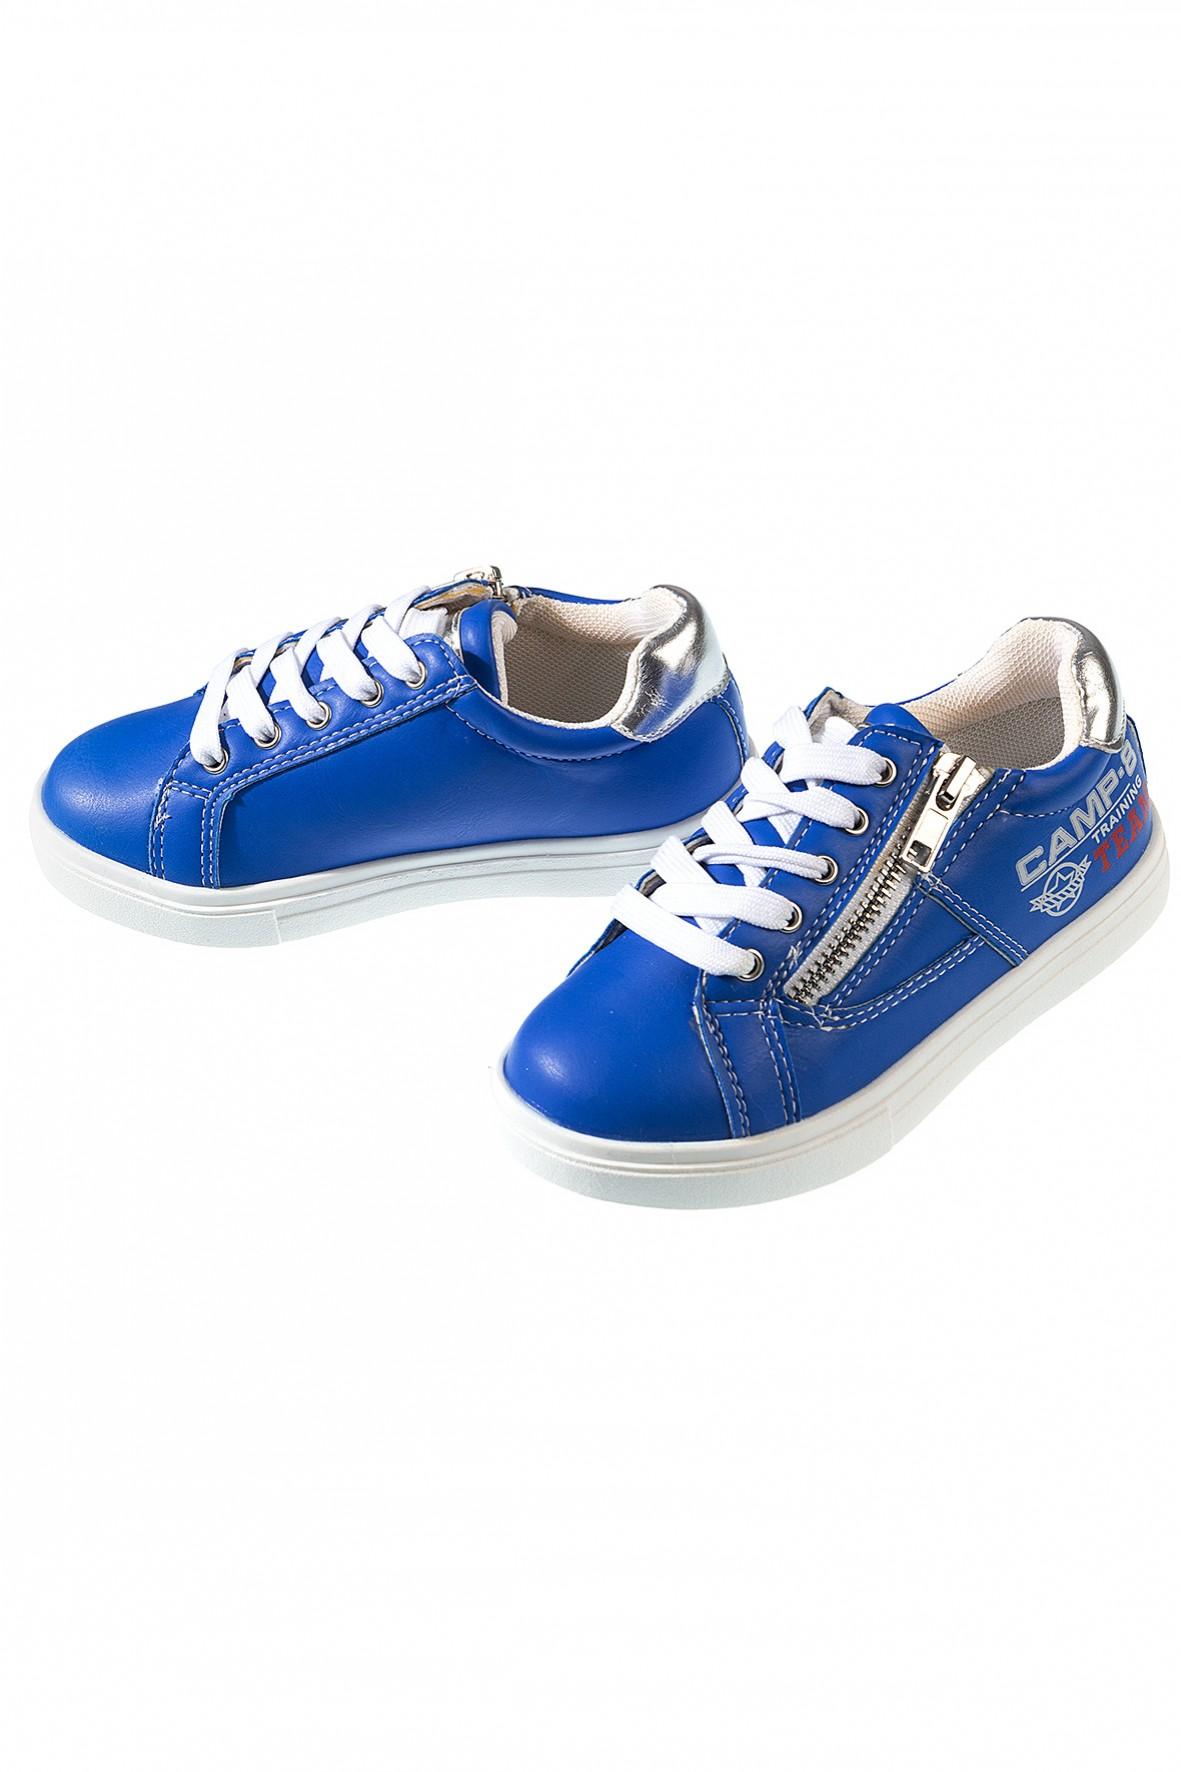 Buty dla chłopca-niebieskie